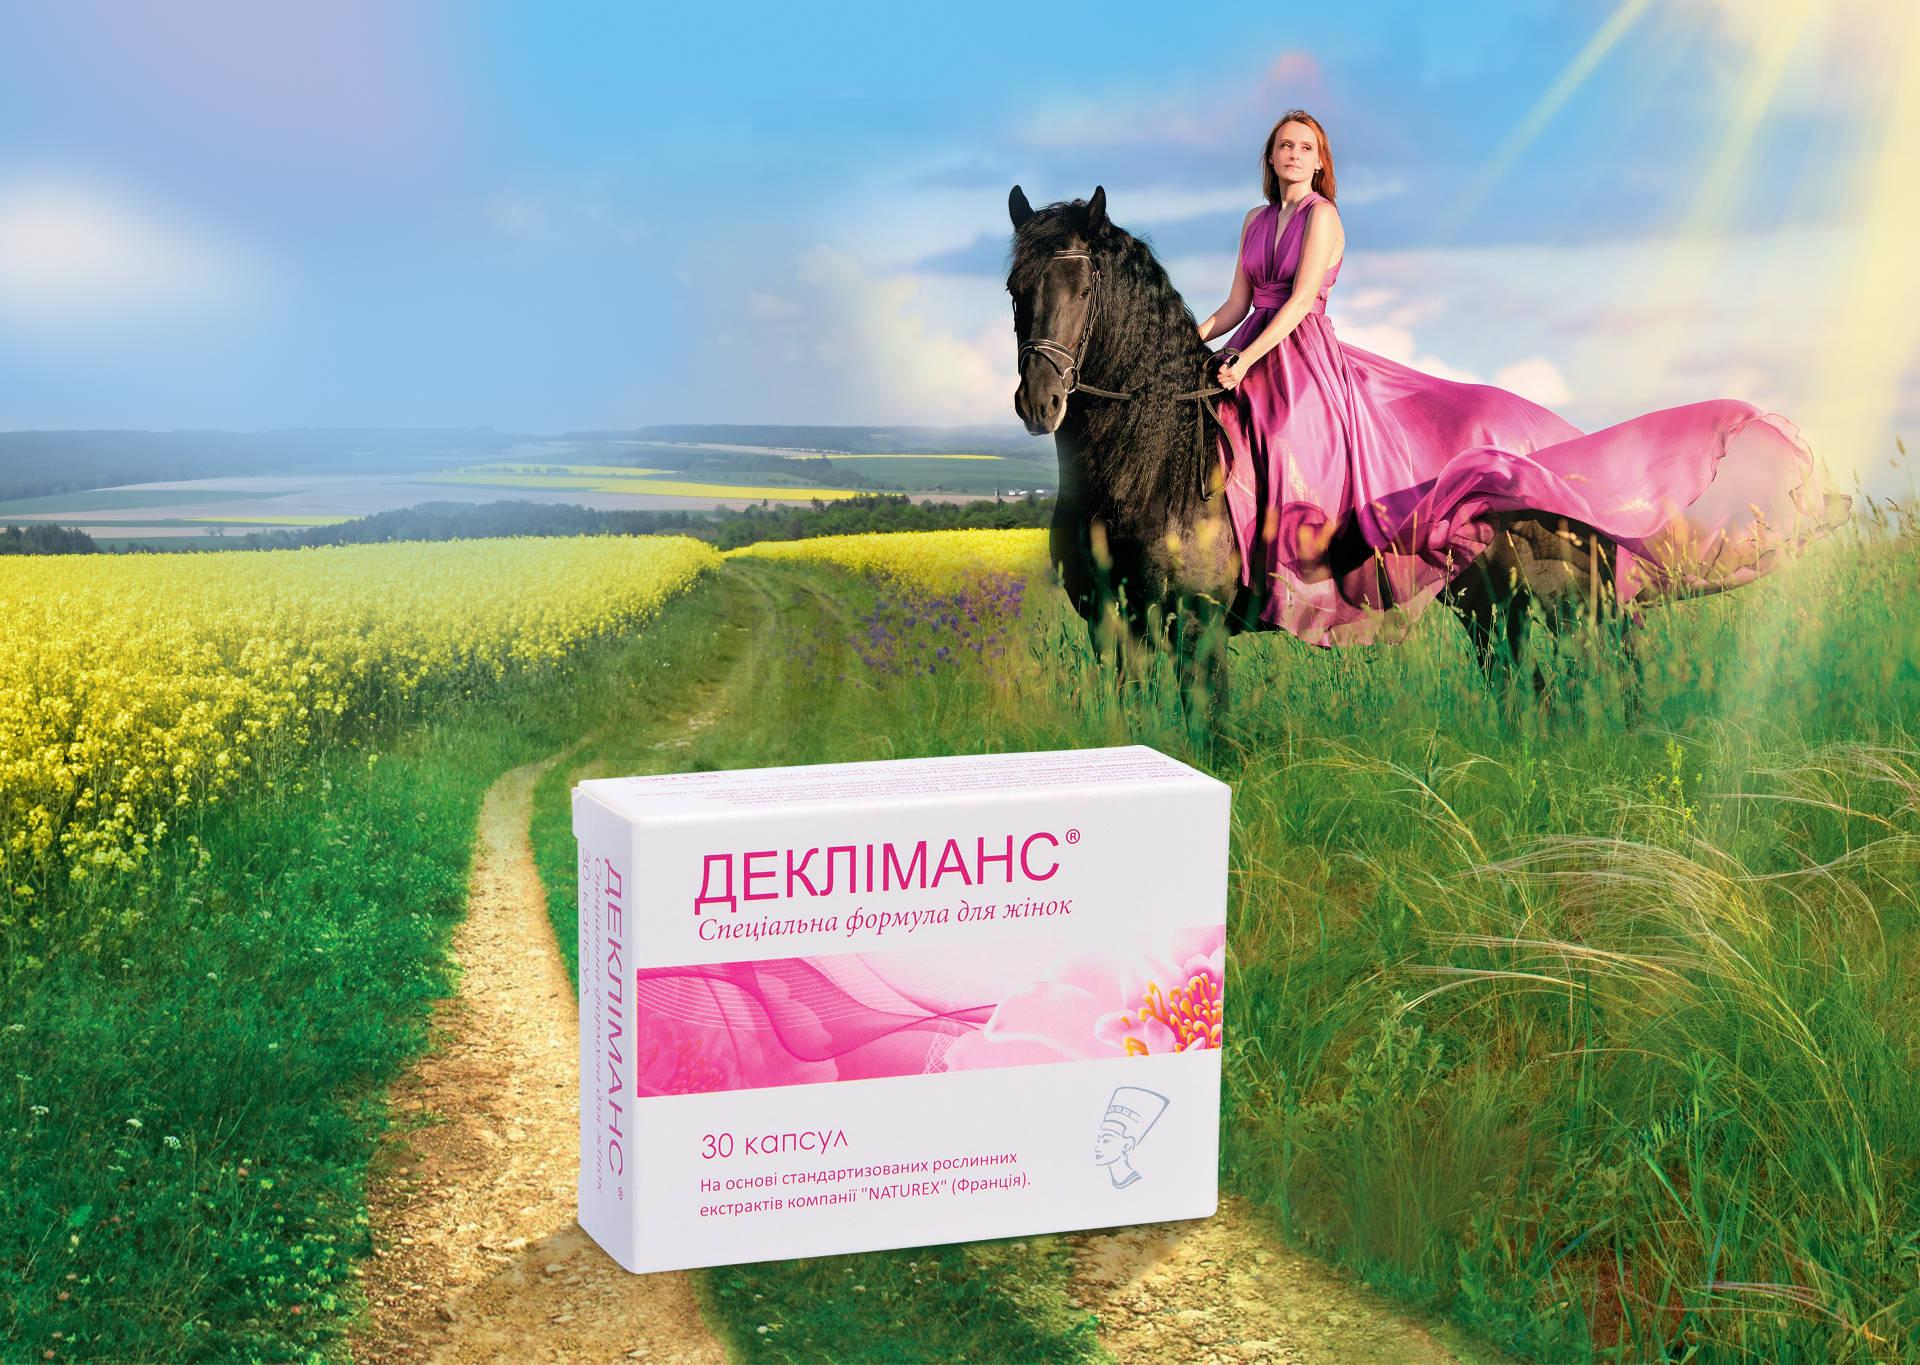 Дизайн медицинской упаковки, Medical packaging design